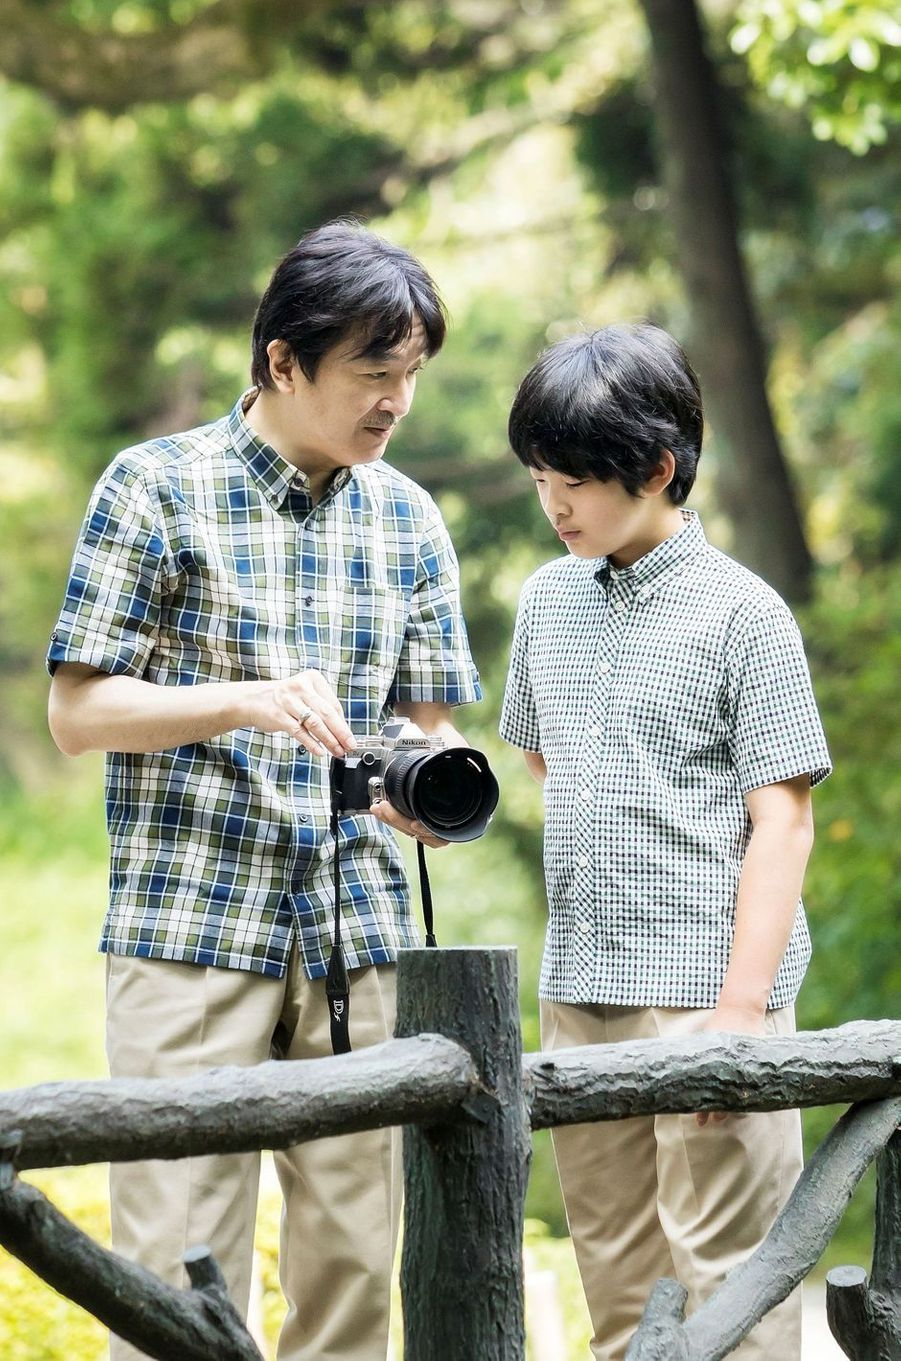 Les princes Hisahito et Fumihito d'Akishino du Japon, dans le jardin de leur résidence à Tokyo, le 10 août 2020. Photo diffusée le 6 septembre 2020 pour ses 14 ans